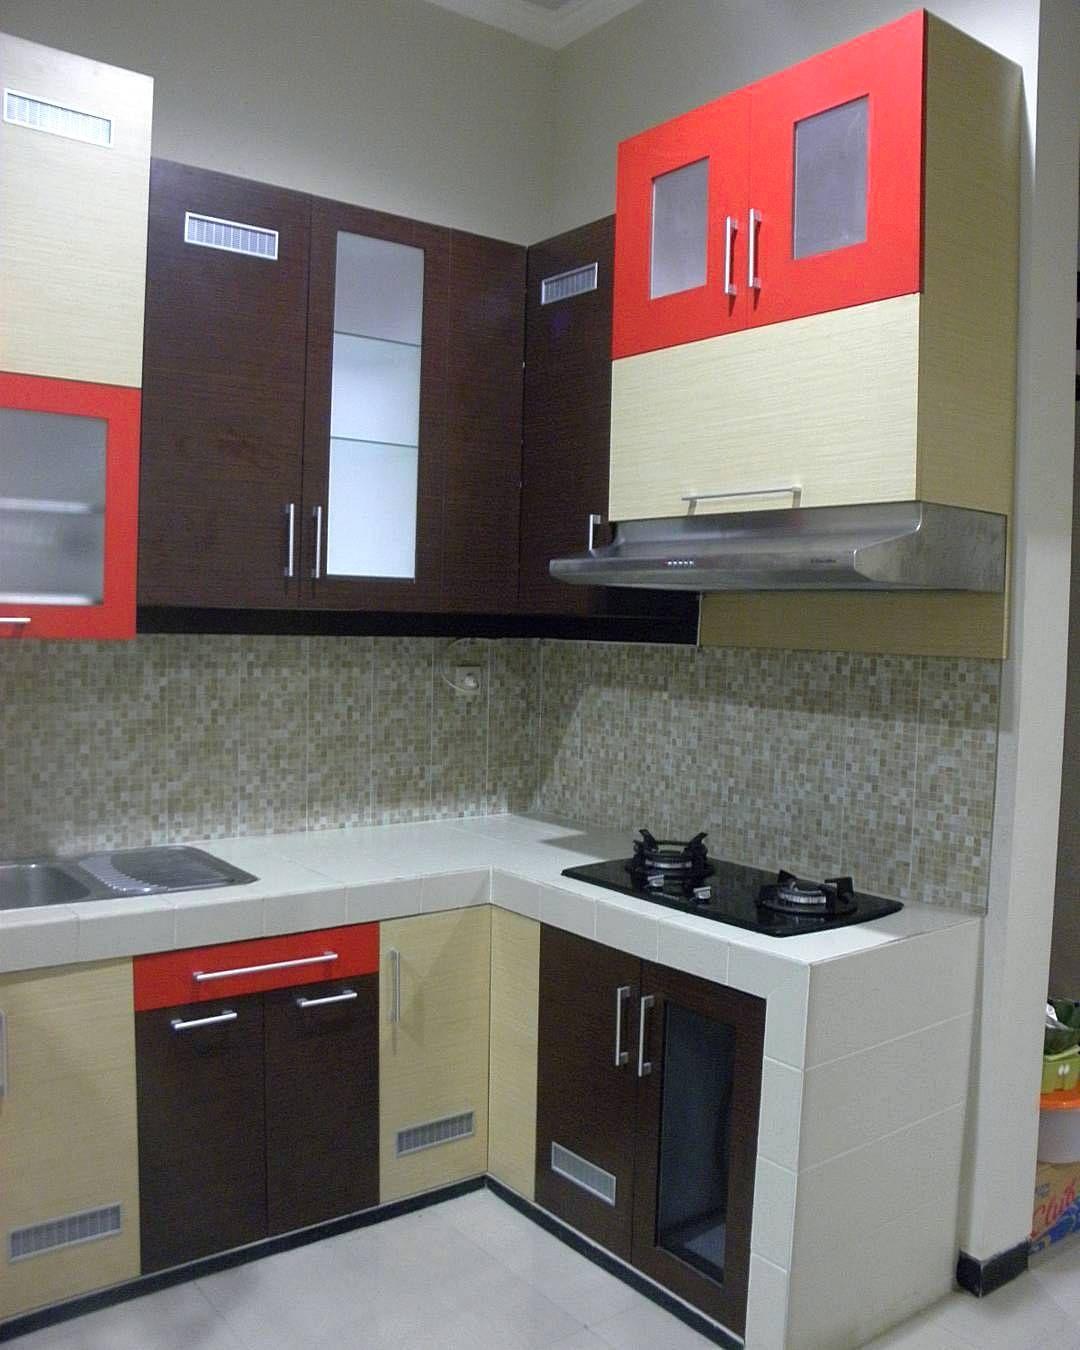 desain kitchen set sederhana. beautiful ideas. Home Design Ideas